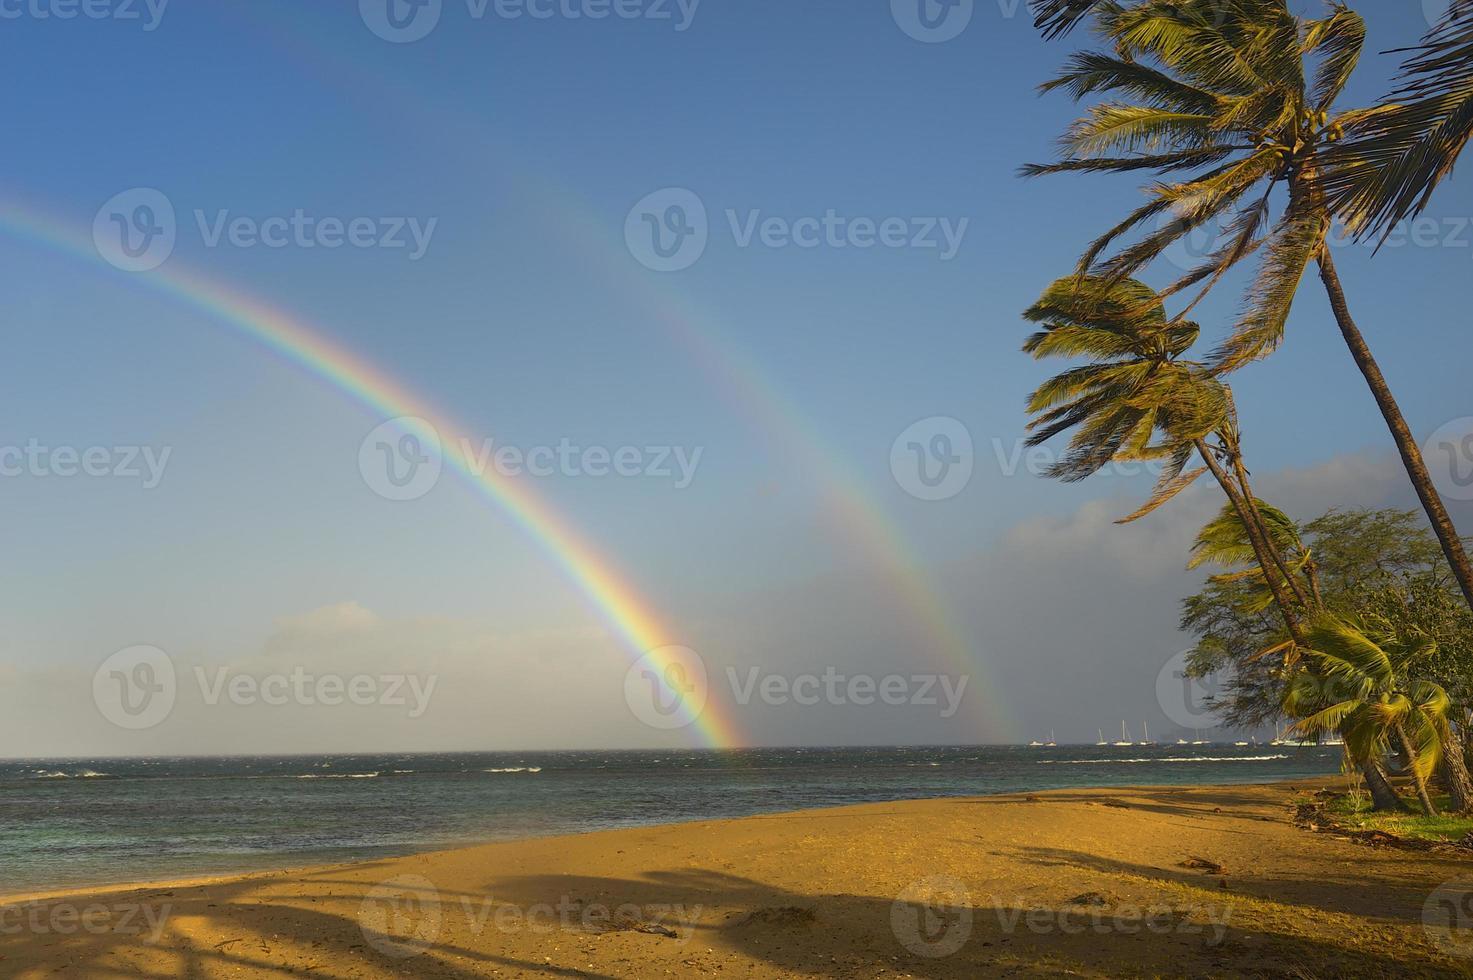 dubbele regenboog over tropische oceaan foto